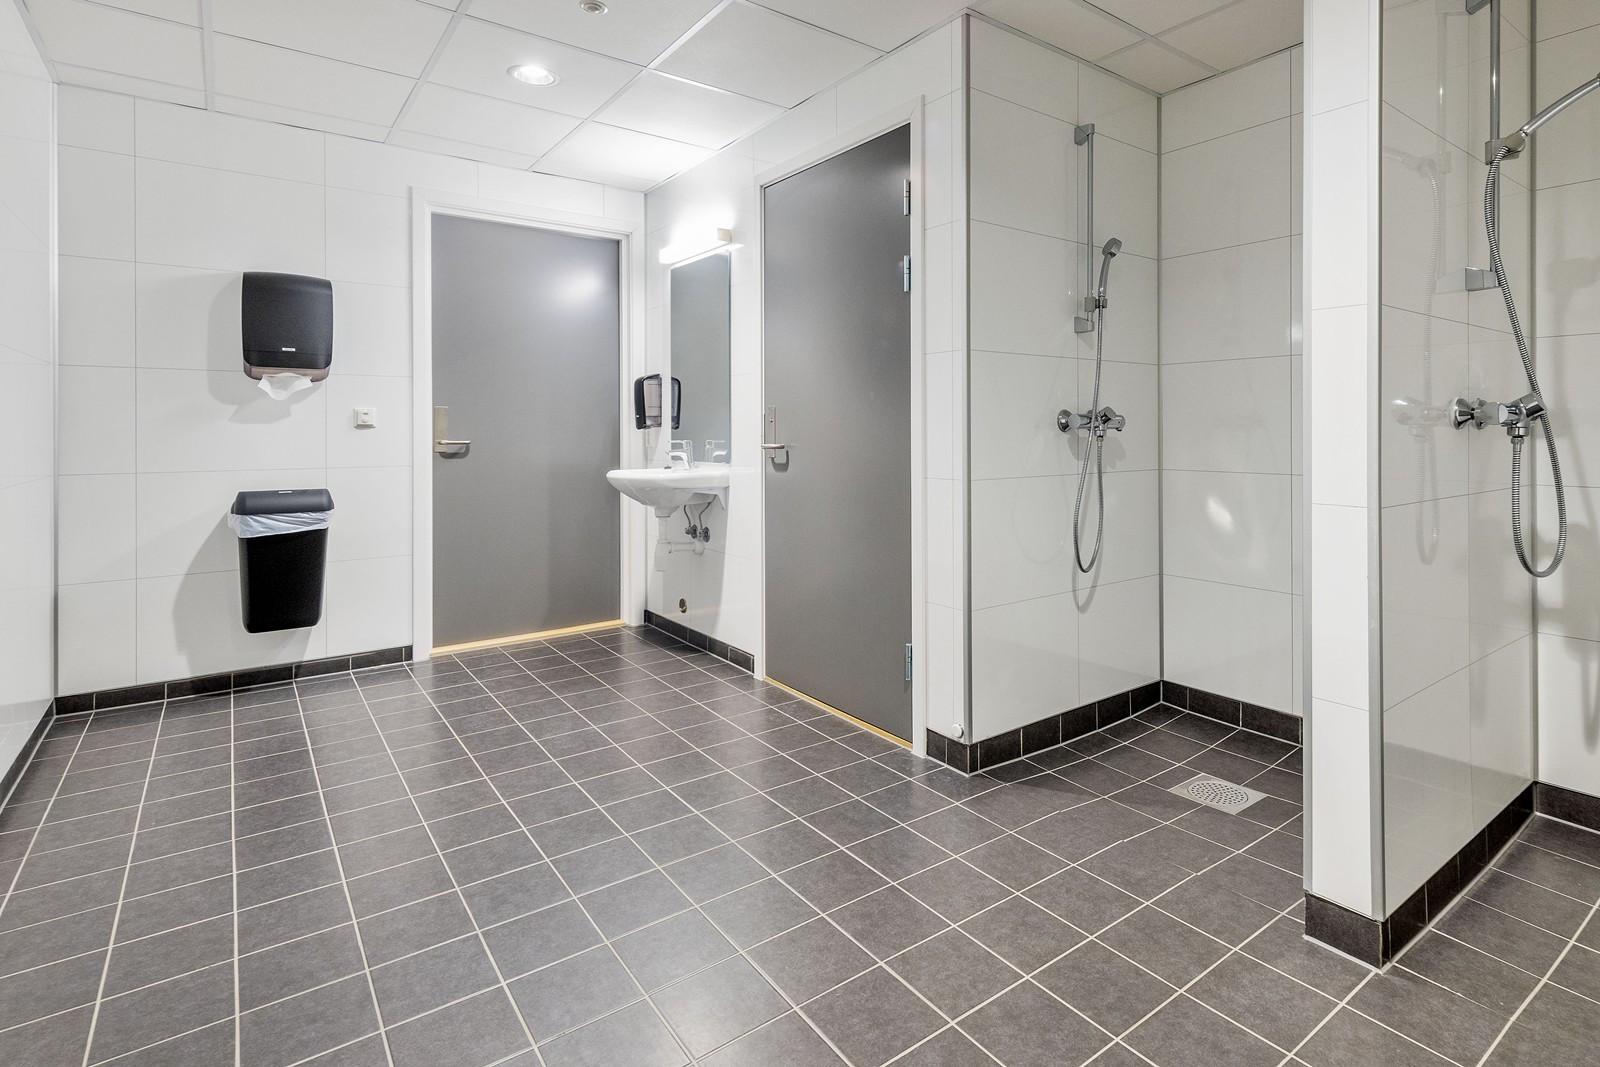 Felles garderobe med dusj og toalett